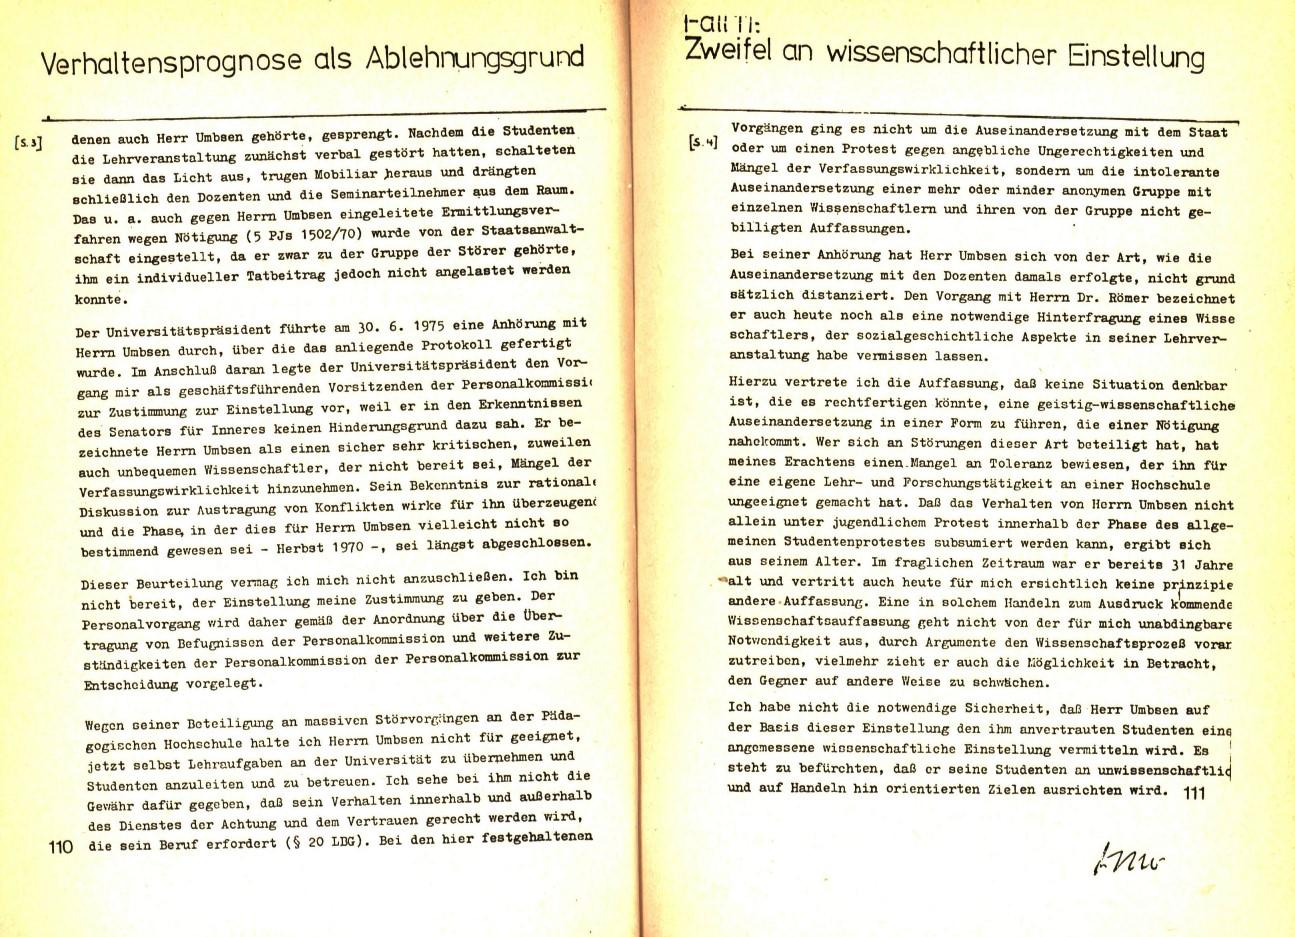 Berlin_VDS_Aktionskomitee_1976_BerufsverboteIII_57